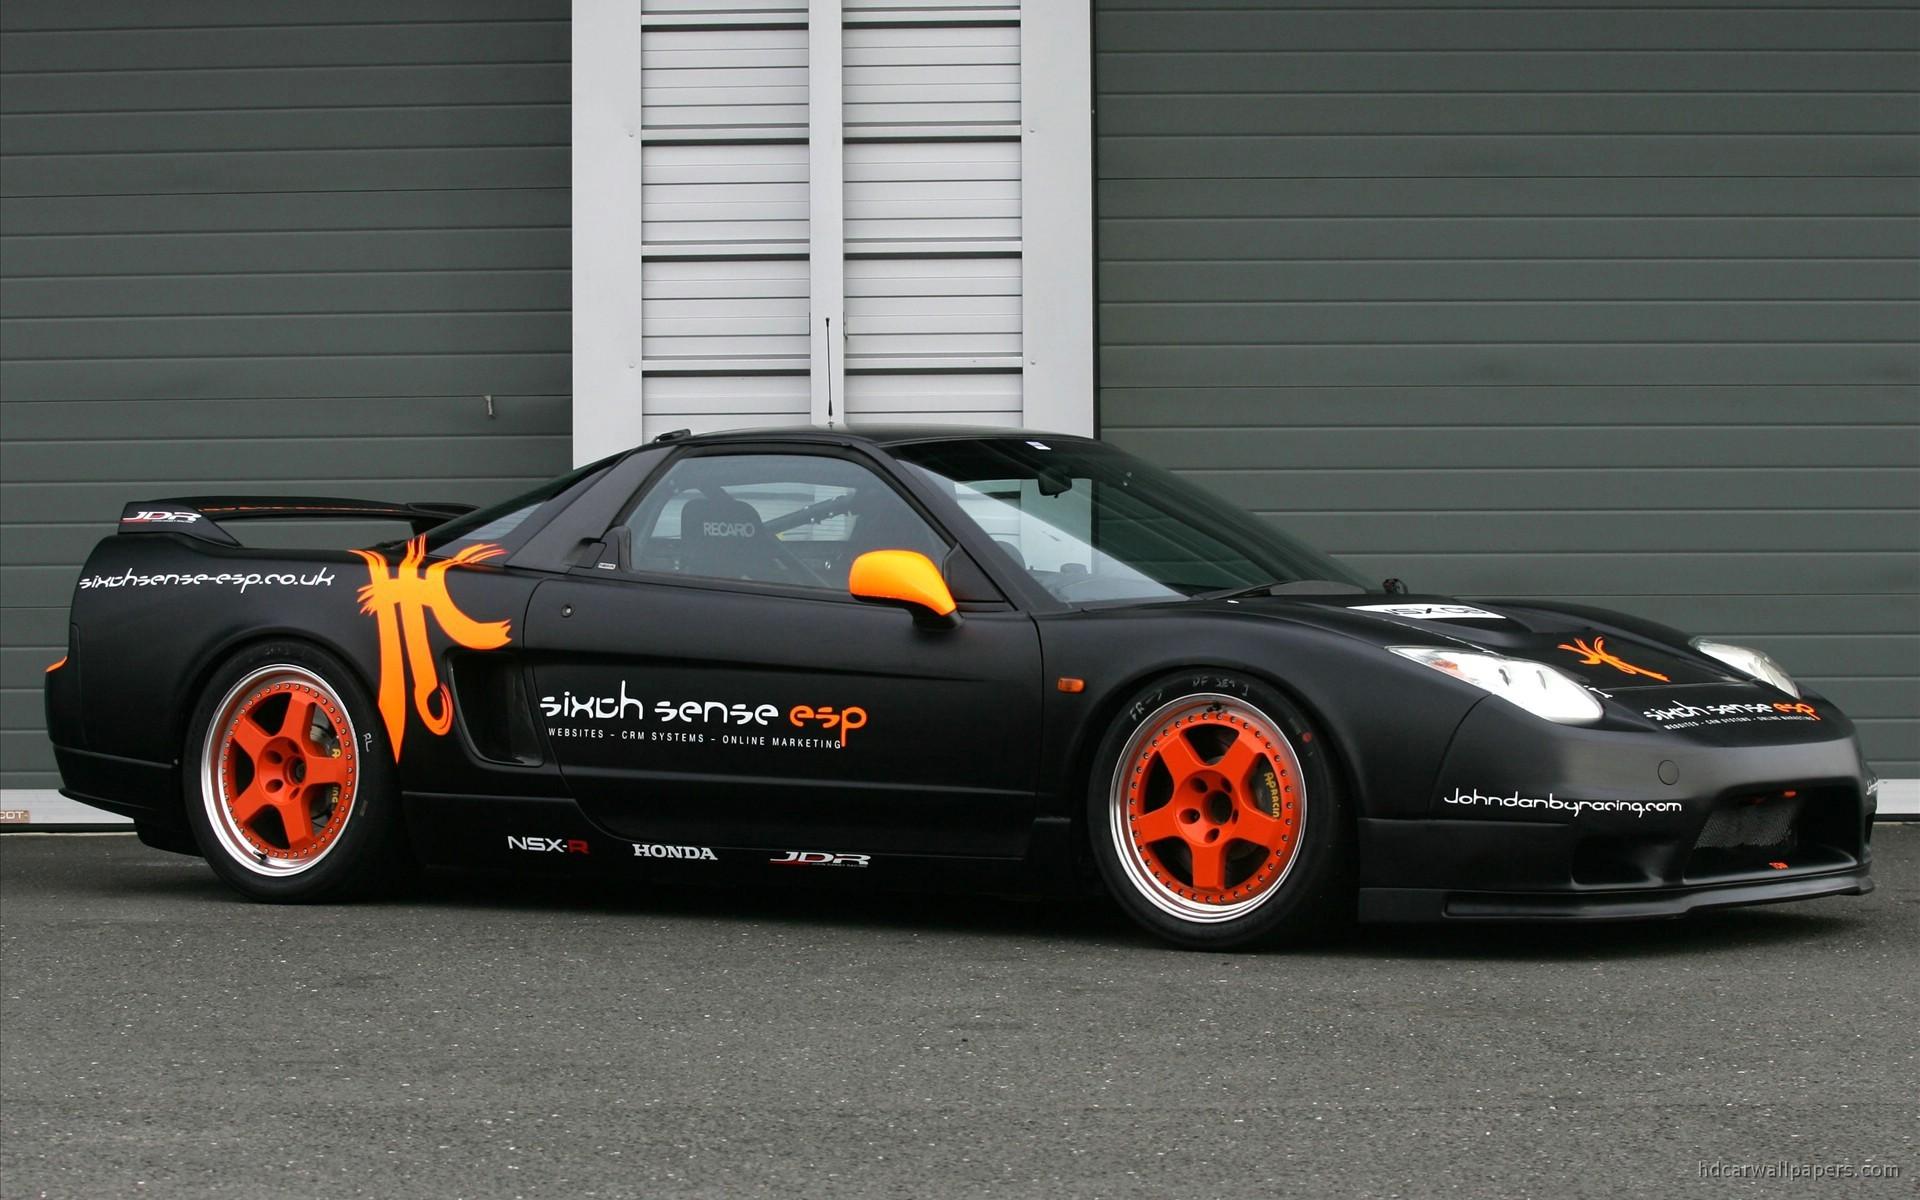 Super Cars Wallpapers Hd For Desktop Honda Nsx By John Danby Racing 3 Wallpaper Hd Car